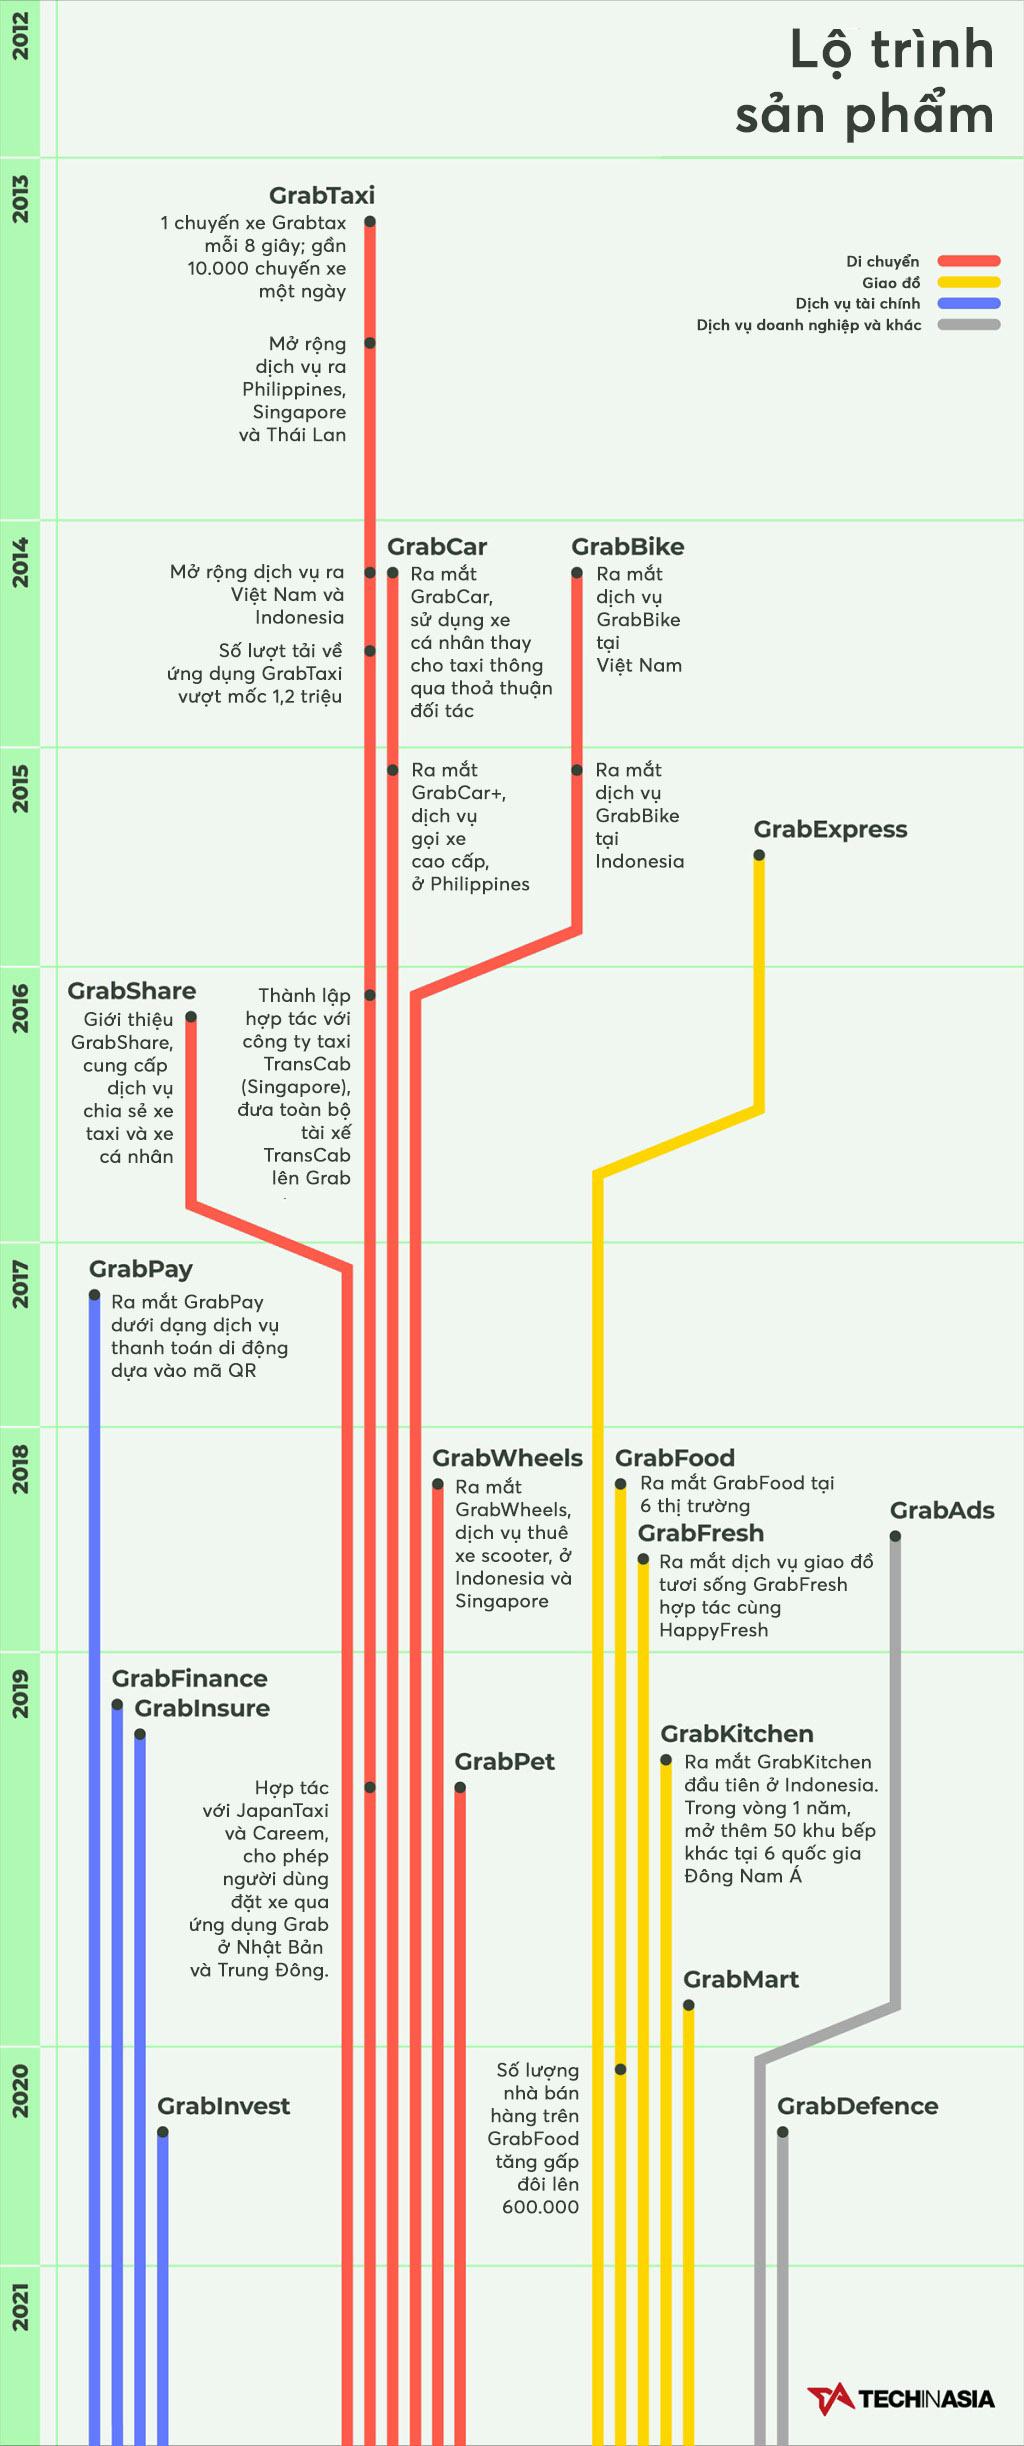 [Infographic] Hành trình Grab: Từ ý tưởng cuộc thi cấp trường đến công ty trị giá gần 40 tỷ USD - Ảnh 2.